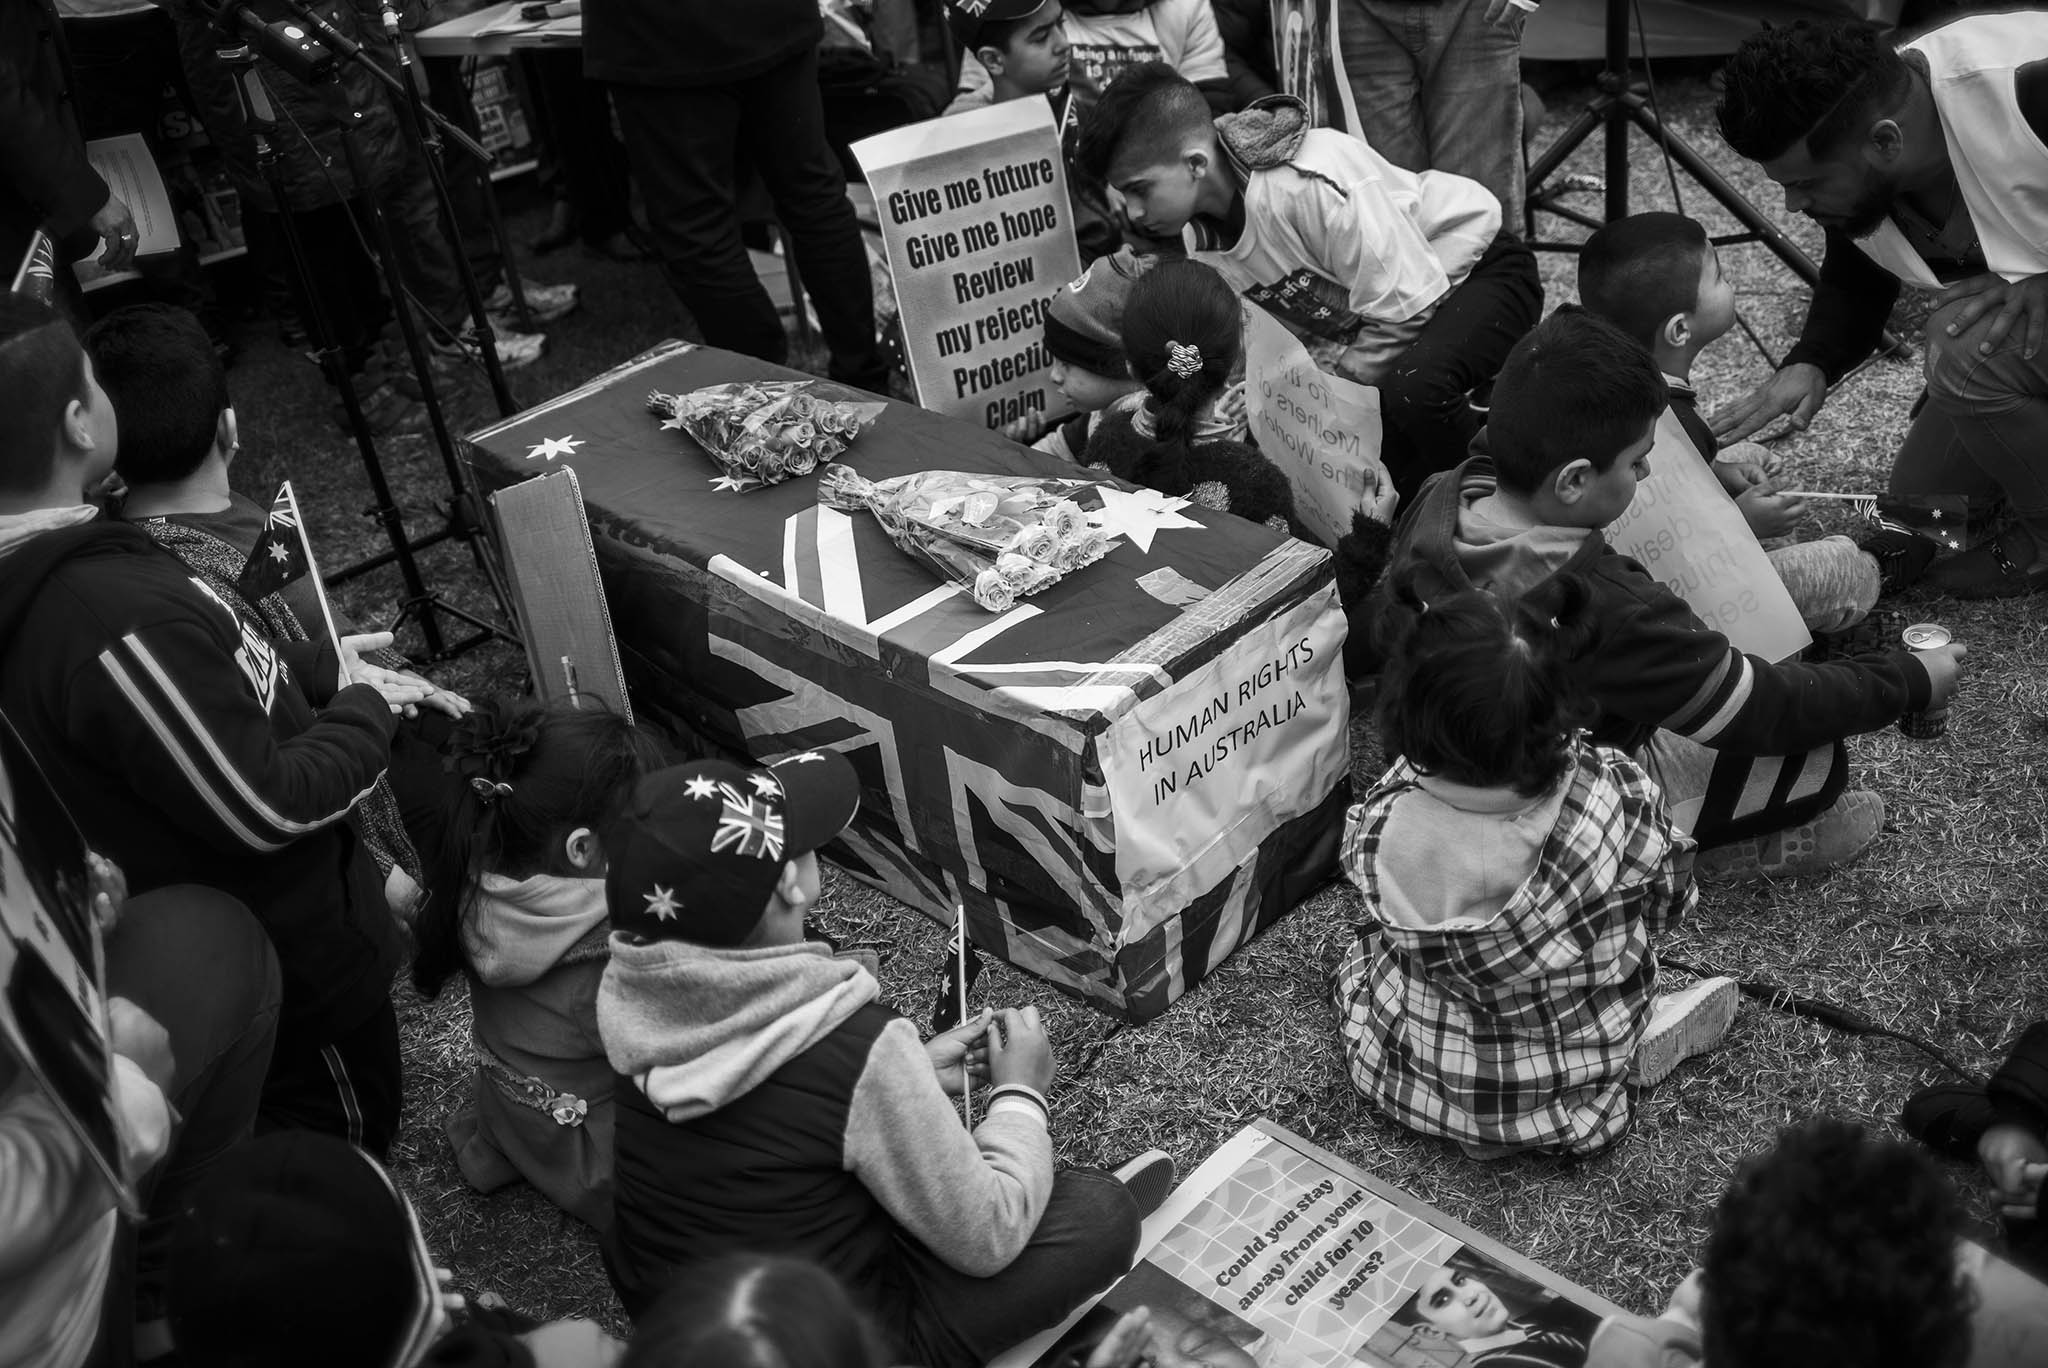 20190729_Refugee_Protest_0767.jpg